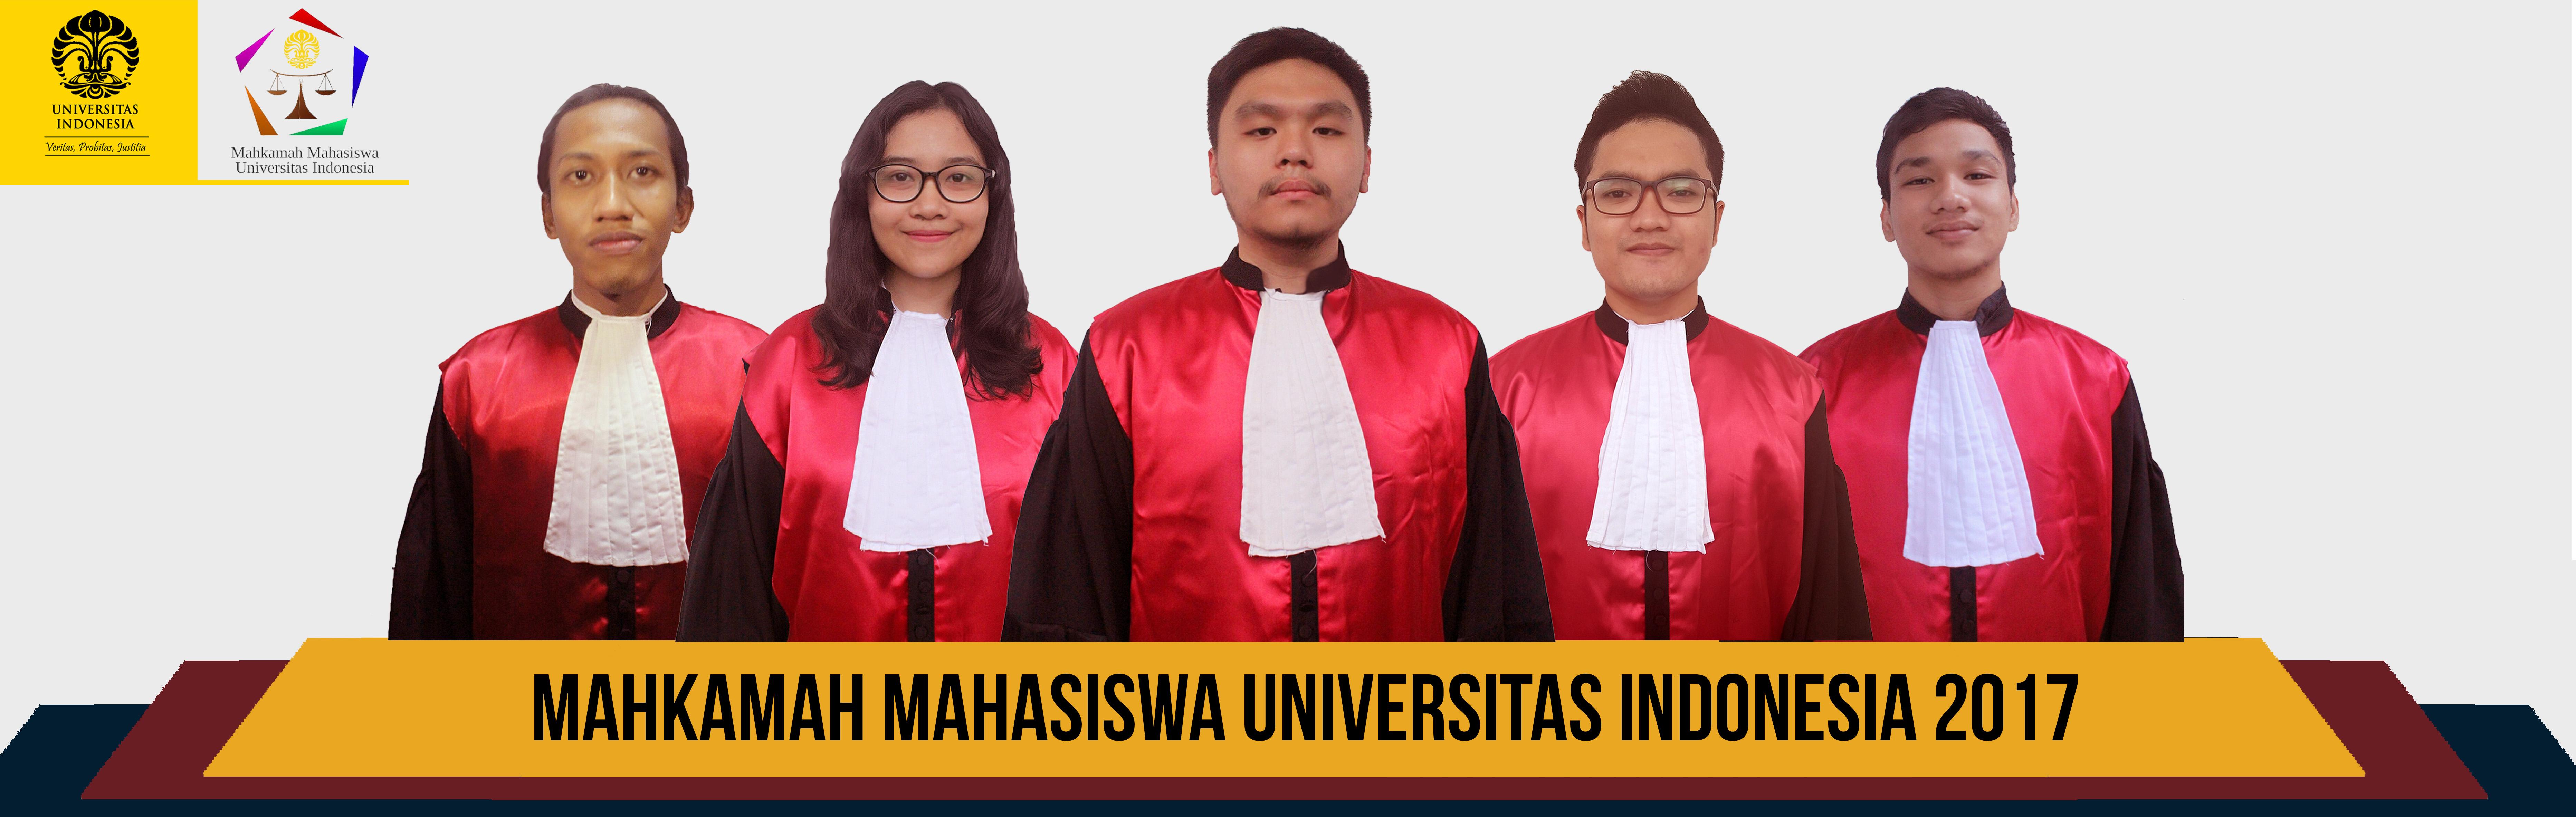 Mahkamah Mahasiswa Universitas Indonesia